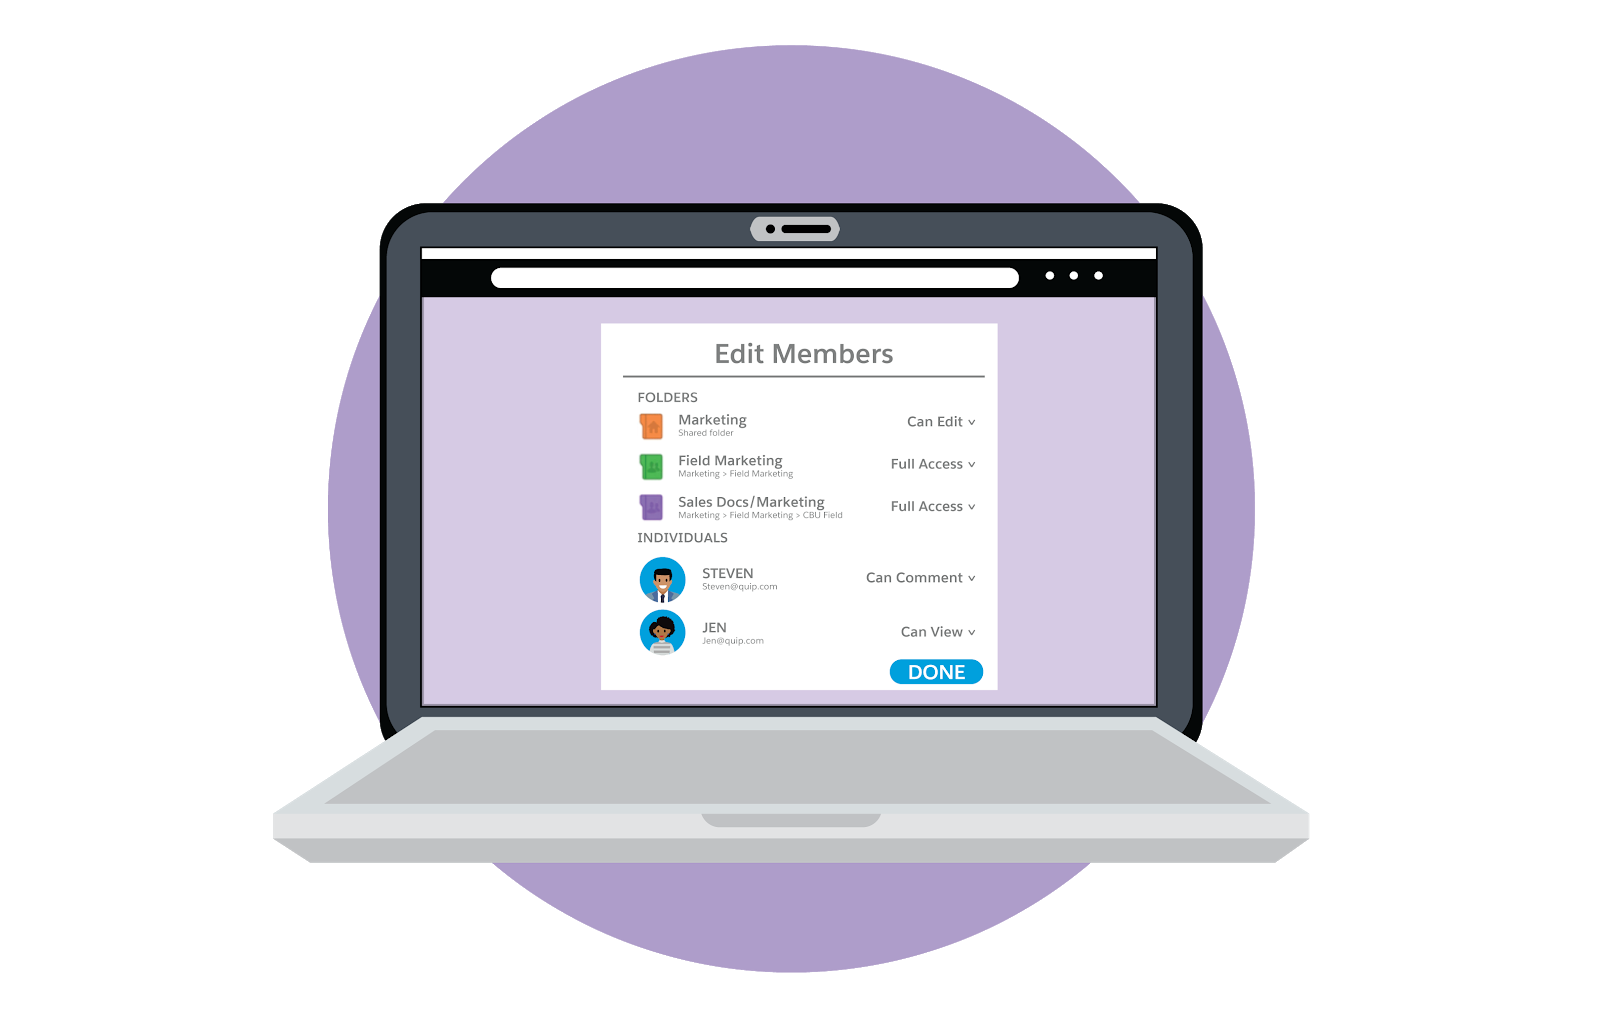 フォルダと個人を含むメンバー権限の編集方法が表示されているラップトップ。